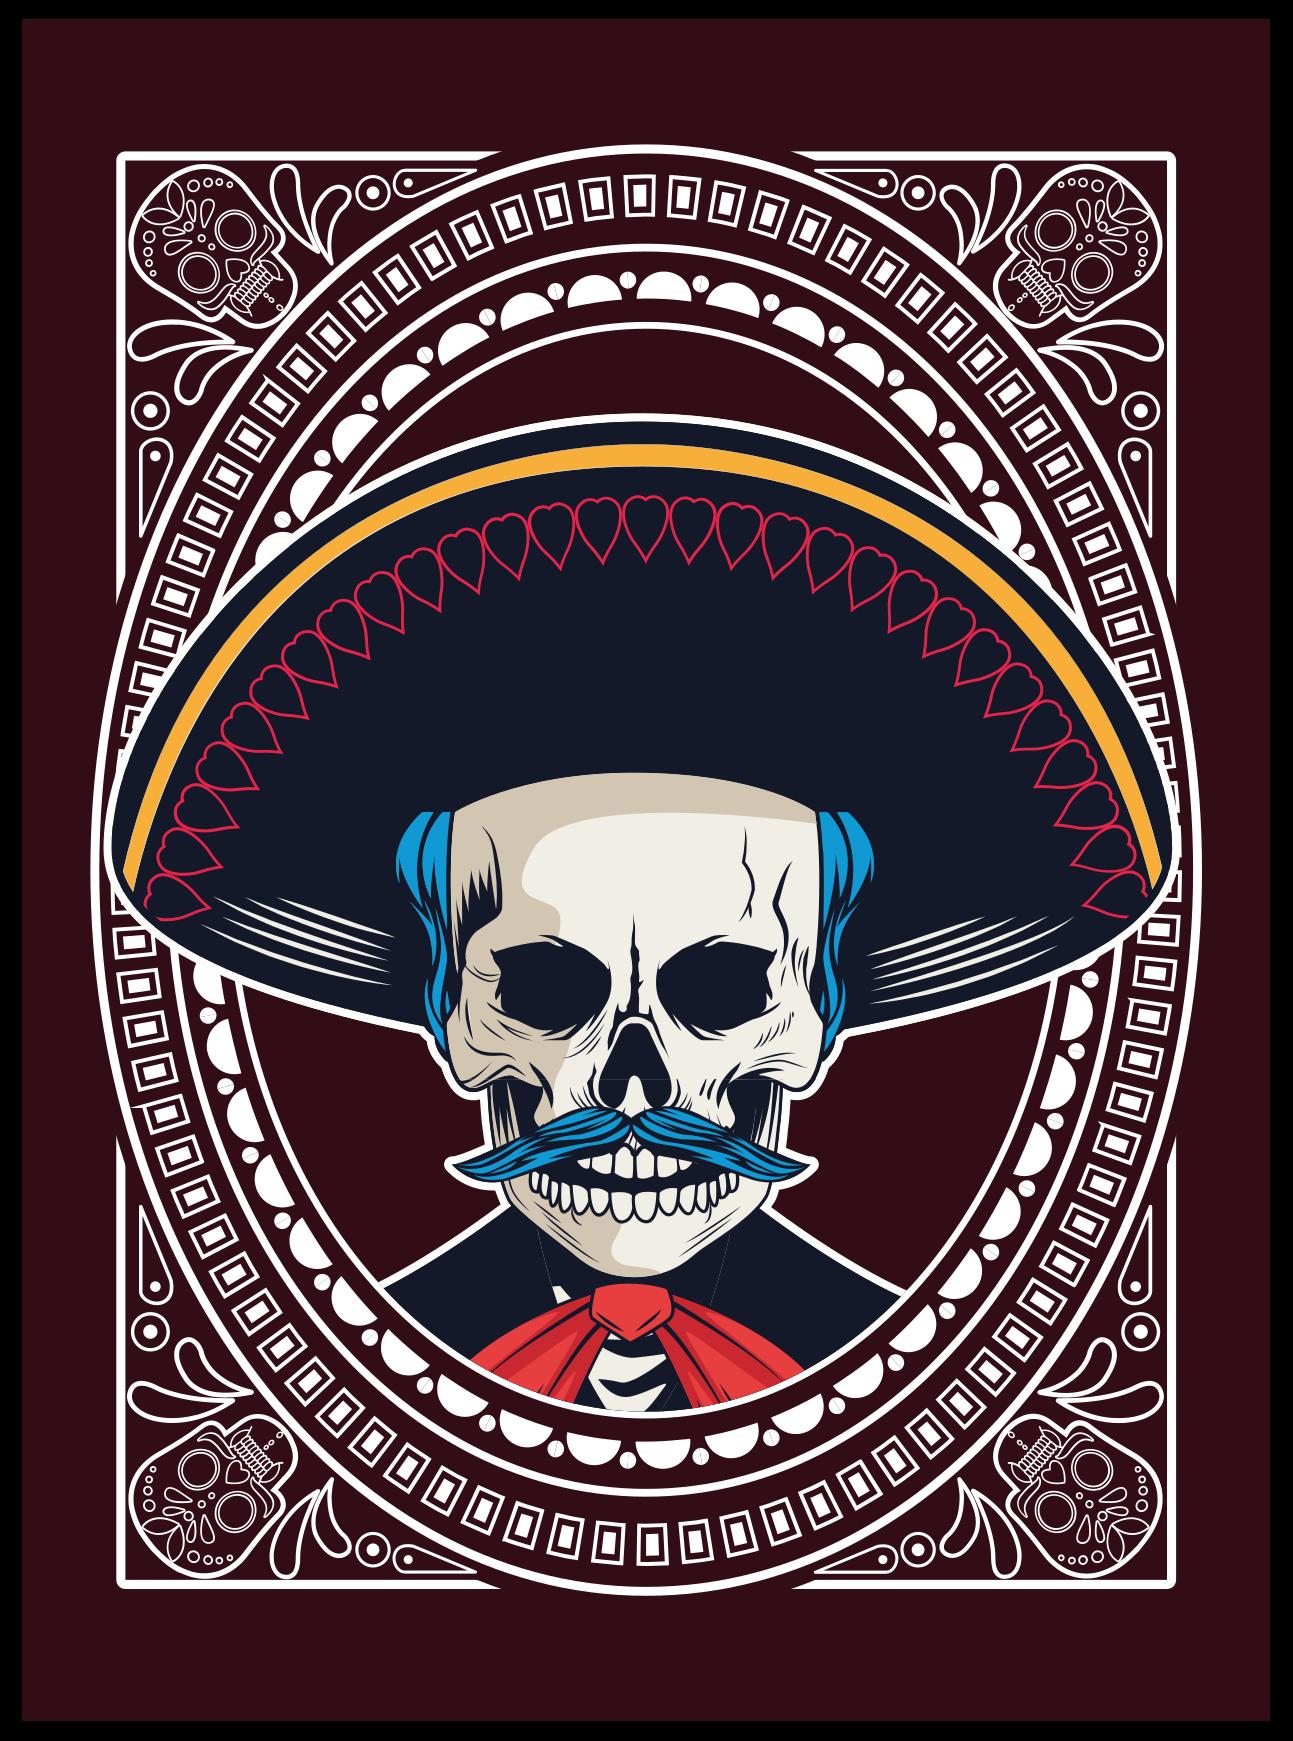 TenStickers. Covoare în stil etnic mexican craniu etnic. Covor fantastic de craniu mexican, perfect pentru decorarea cu un stil etnic mexican. Cea mai bună idee pentru decorarea unei camere sau a casei tale. Vinil anti-bule.